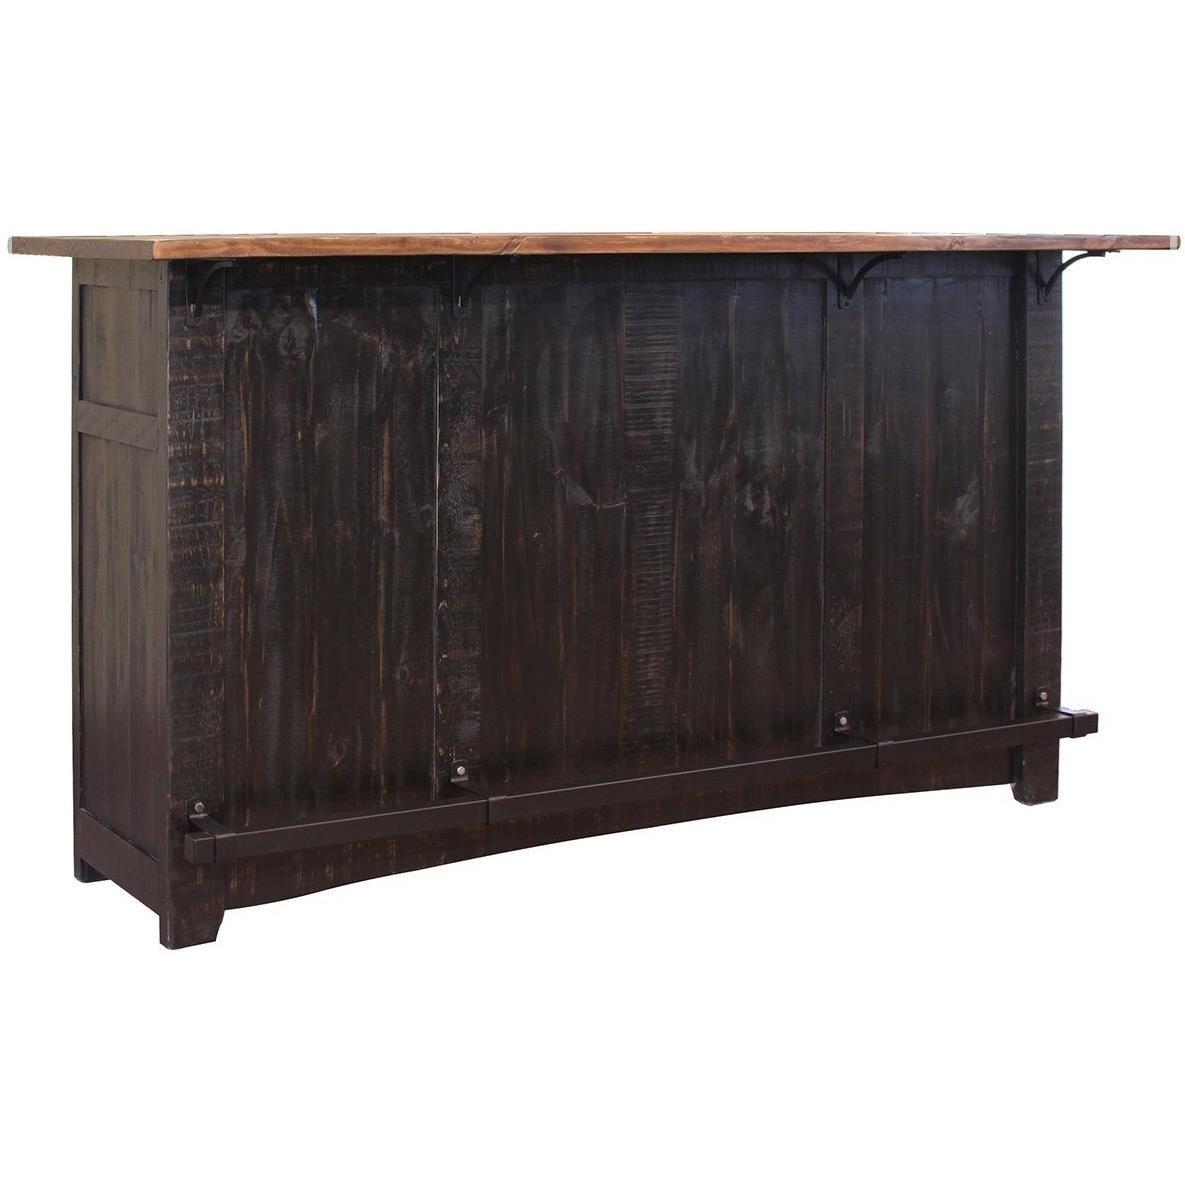 International Furniture Direct Pueblo Wooden Bar With Iron